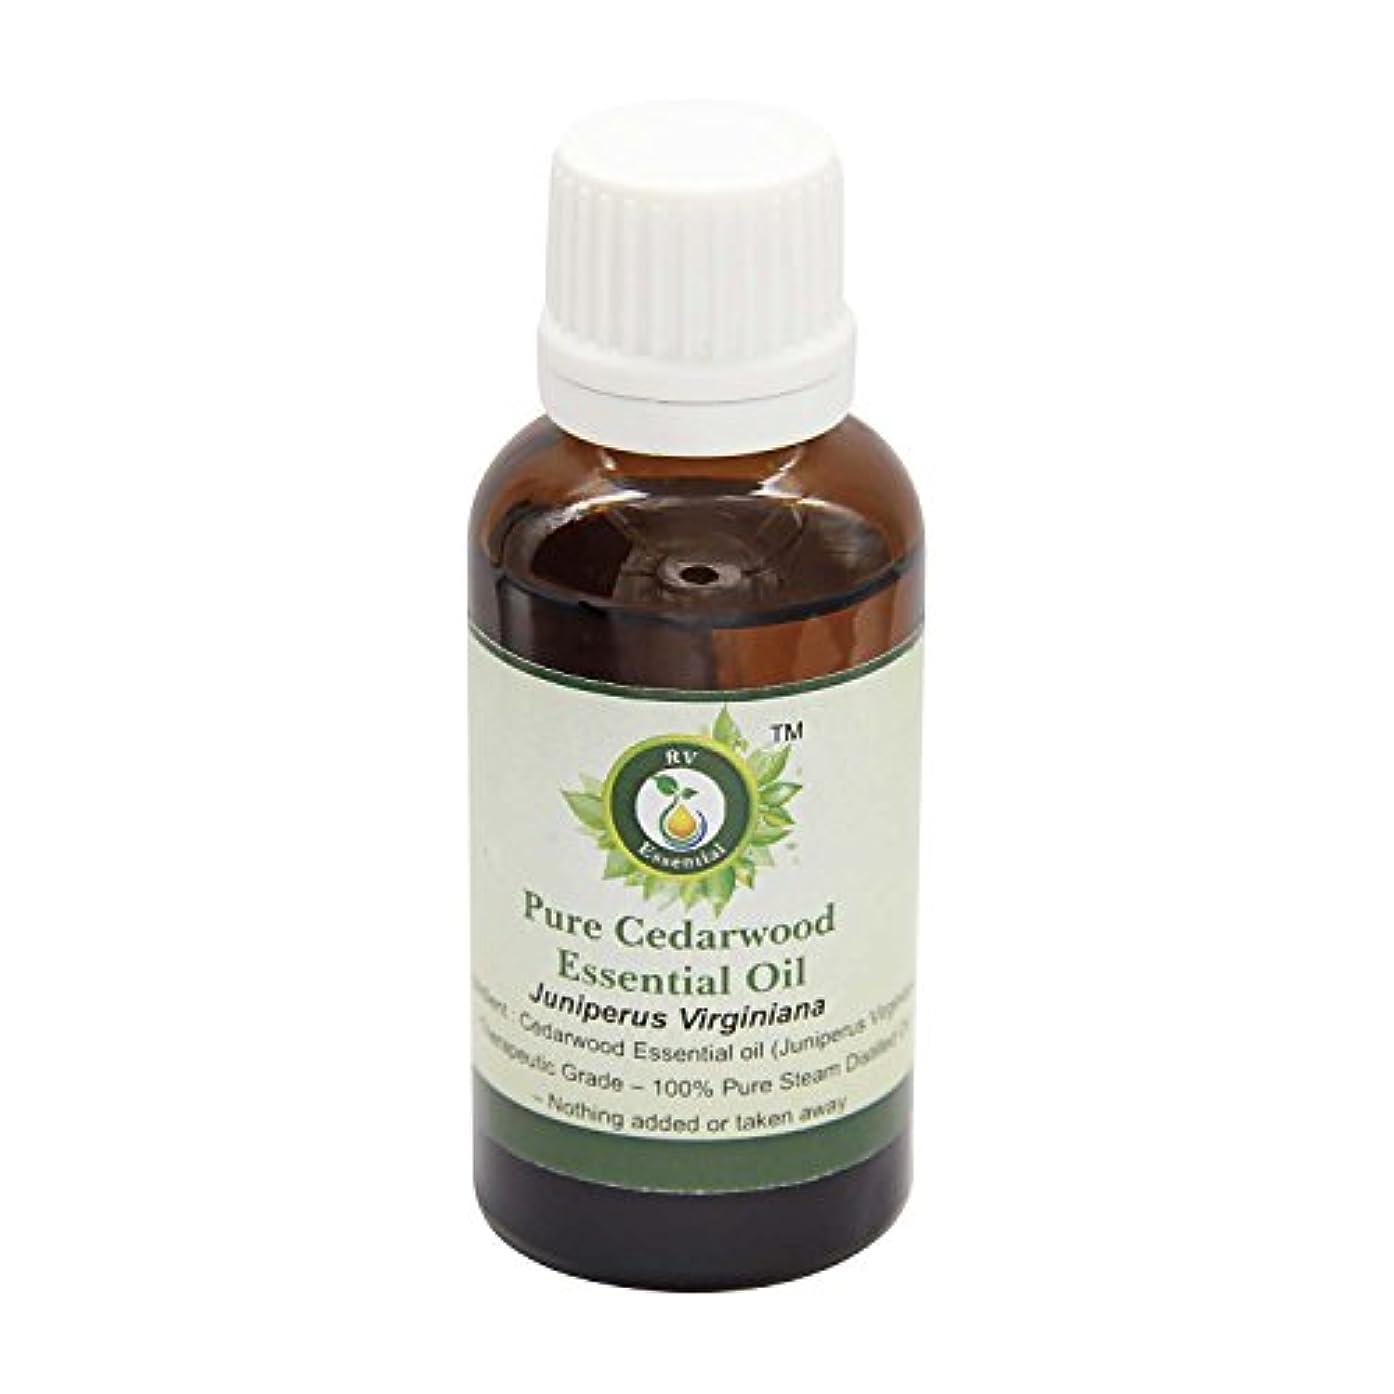 多様性寝室ビーチR V Essential 純粋なシダーウッドエッセンシャルオイル10ml (0.338oz)- Juniperus Virginiana (100%純粋&天然スチームDistilled) Pure Cedarwood...